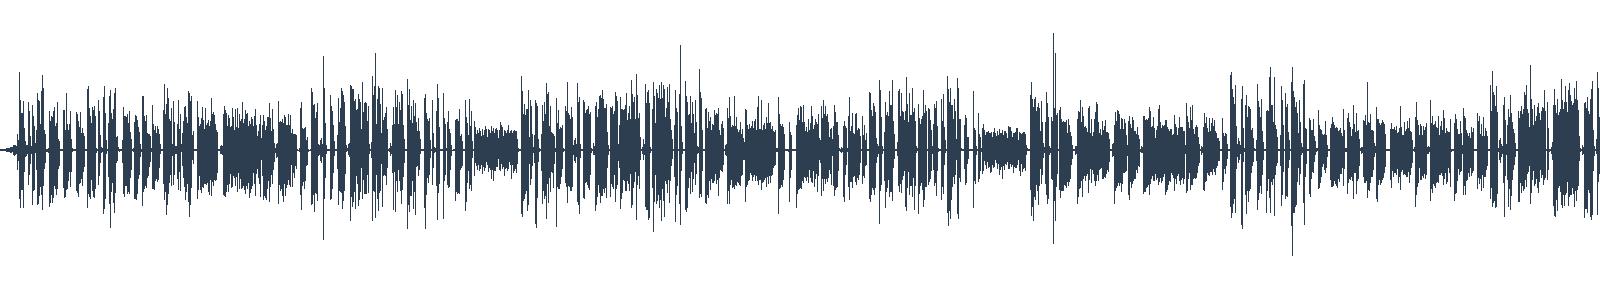 Dobrý proti severáku (ukázka z audioknihy) waveform